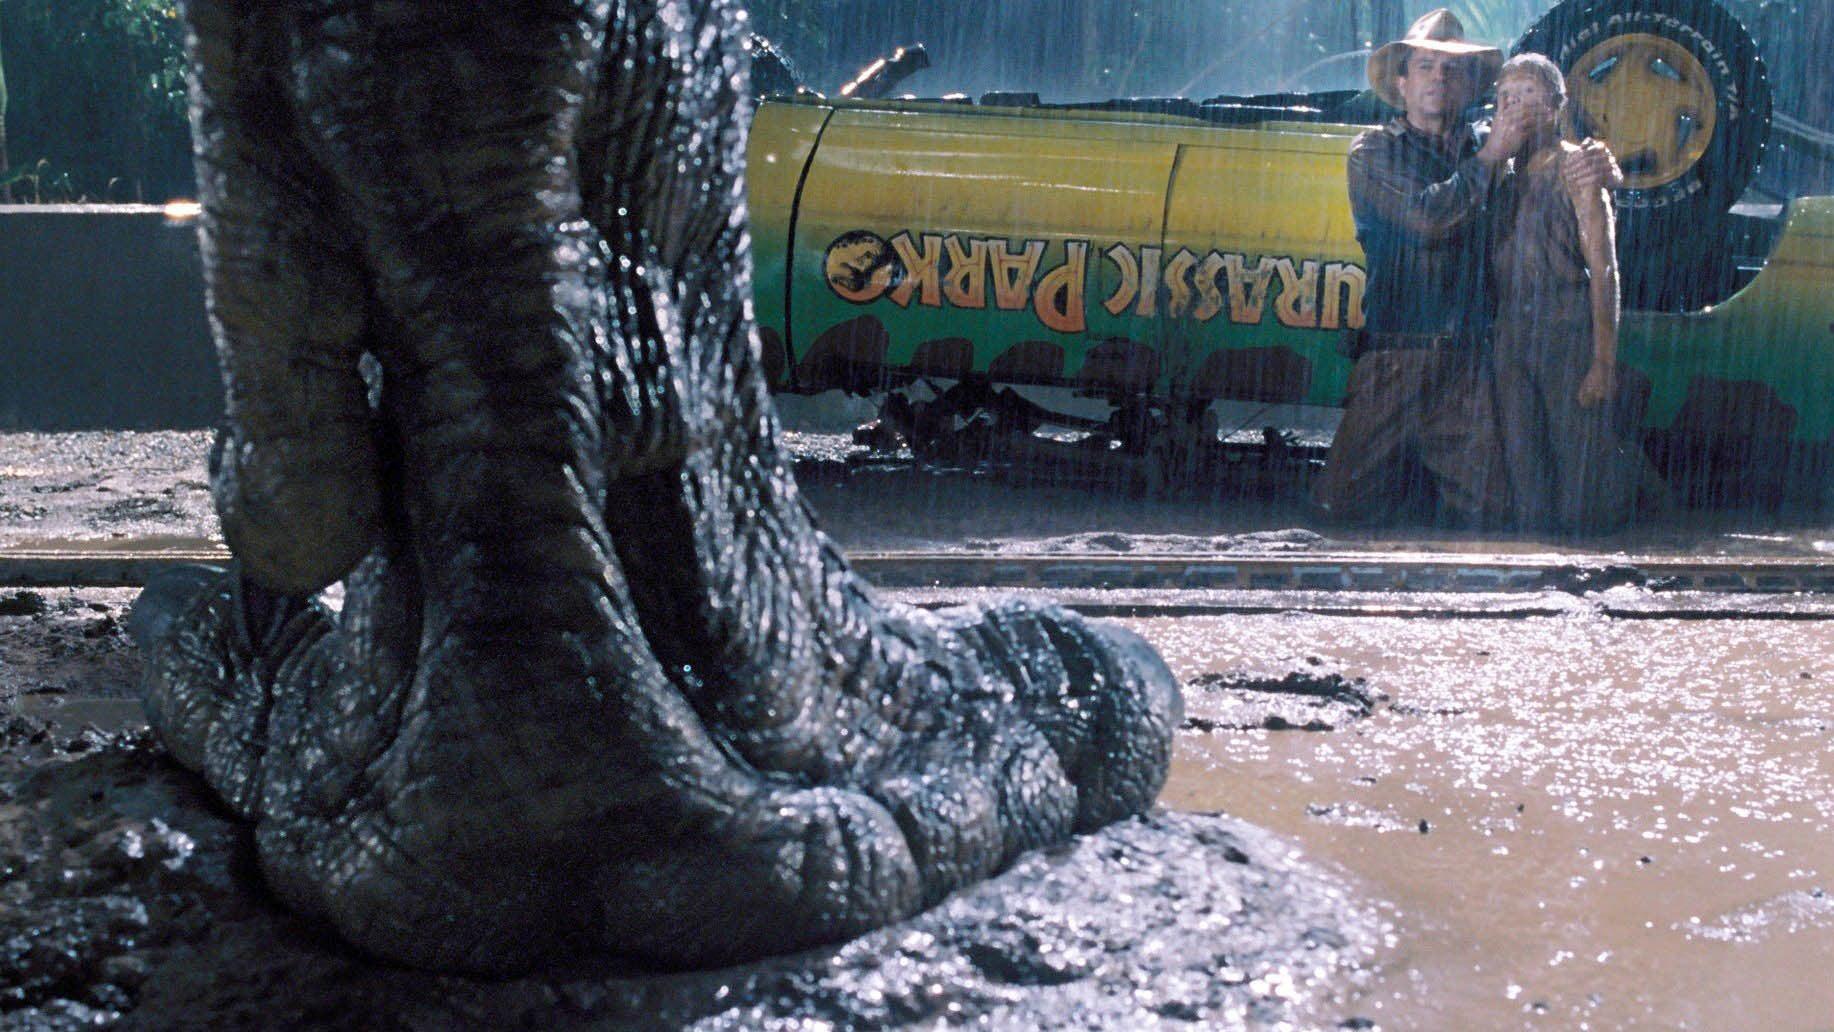 Jurassic Park Was My Nerd Haven